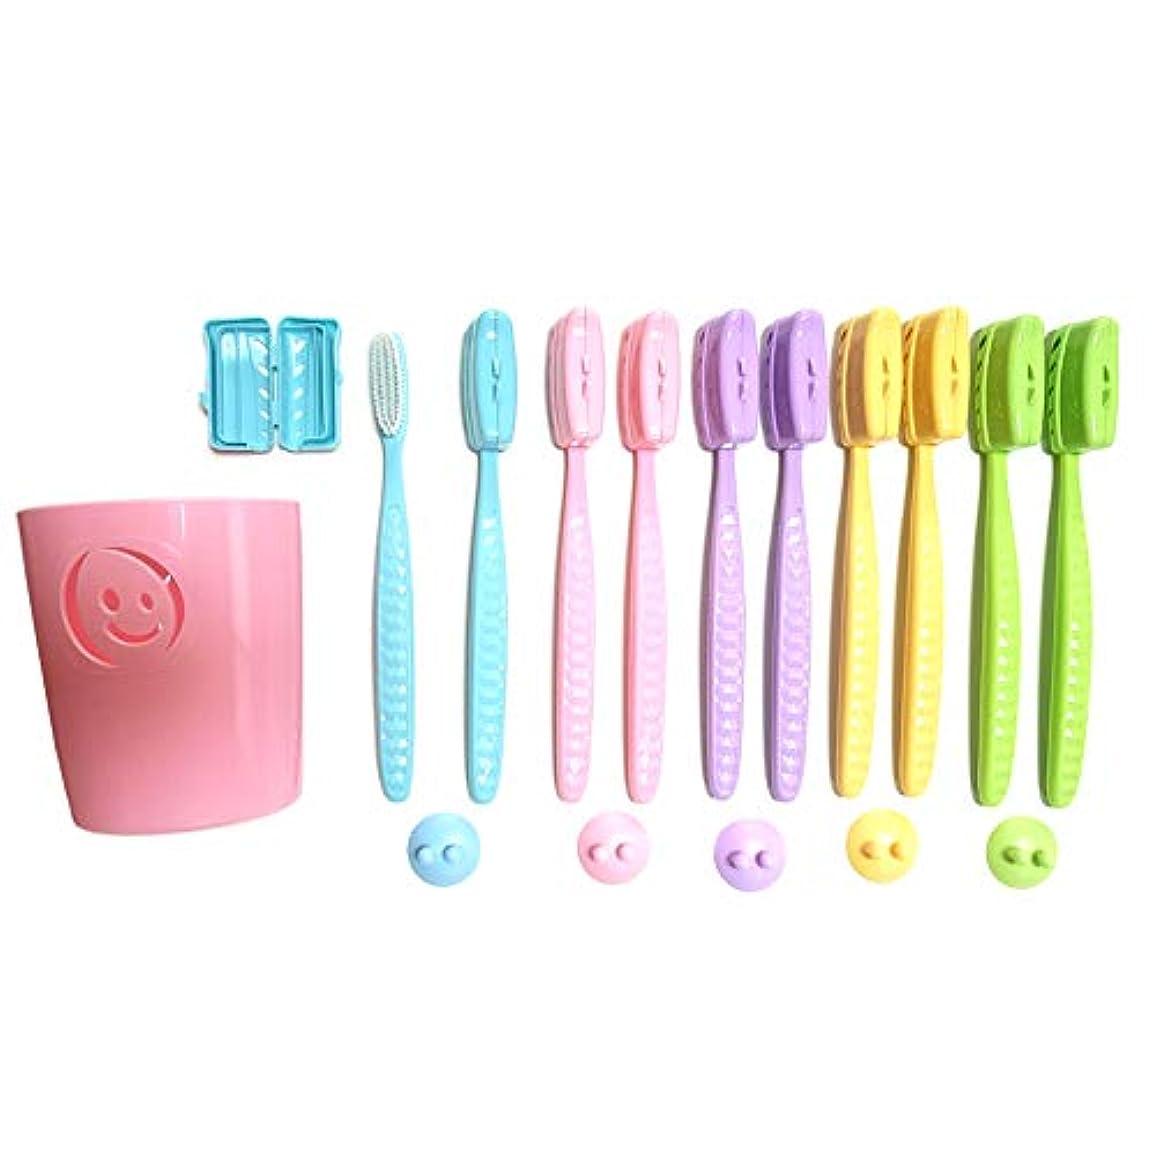 制約再び壮大プレミアムケア ハブラシ 大きいヘッド ジャンボ 超やわらかめ 歯ブラシ セット / ハブラシ10本 + ハブラシカバー10本 + 壁掛けホルダー5本 + カップ1本 Toothbrush Set [並行輸入品]